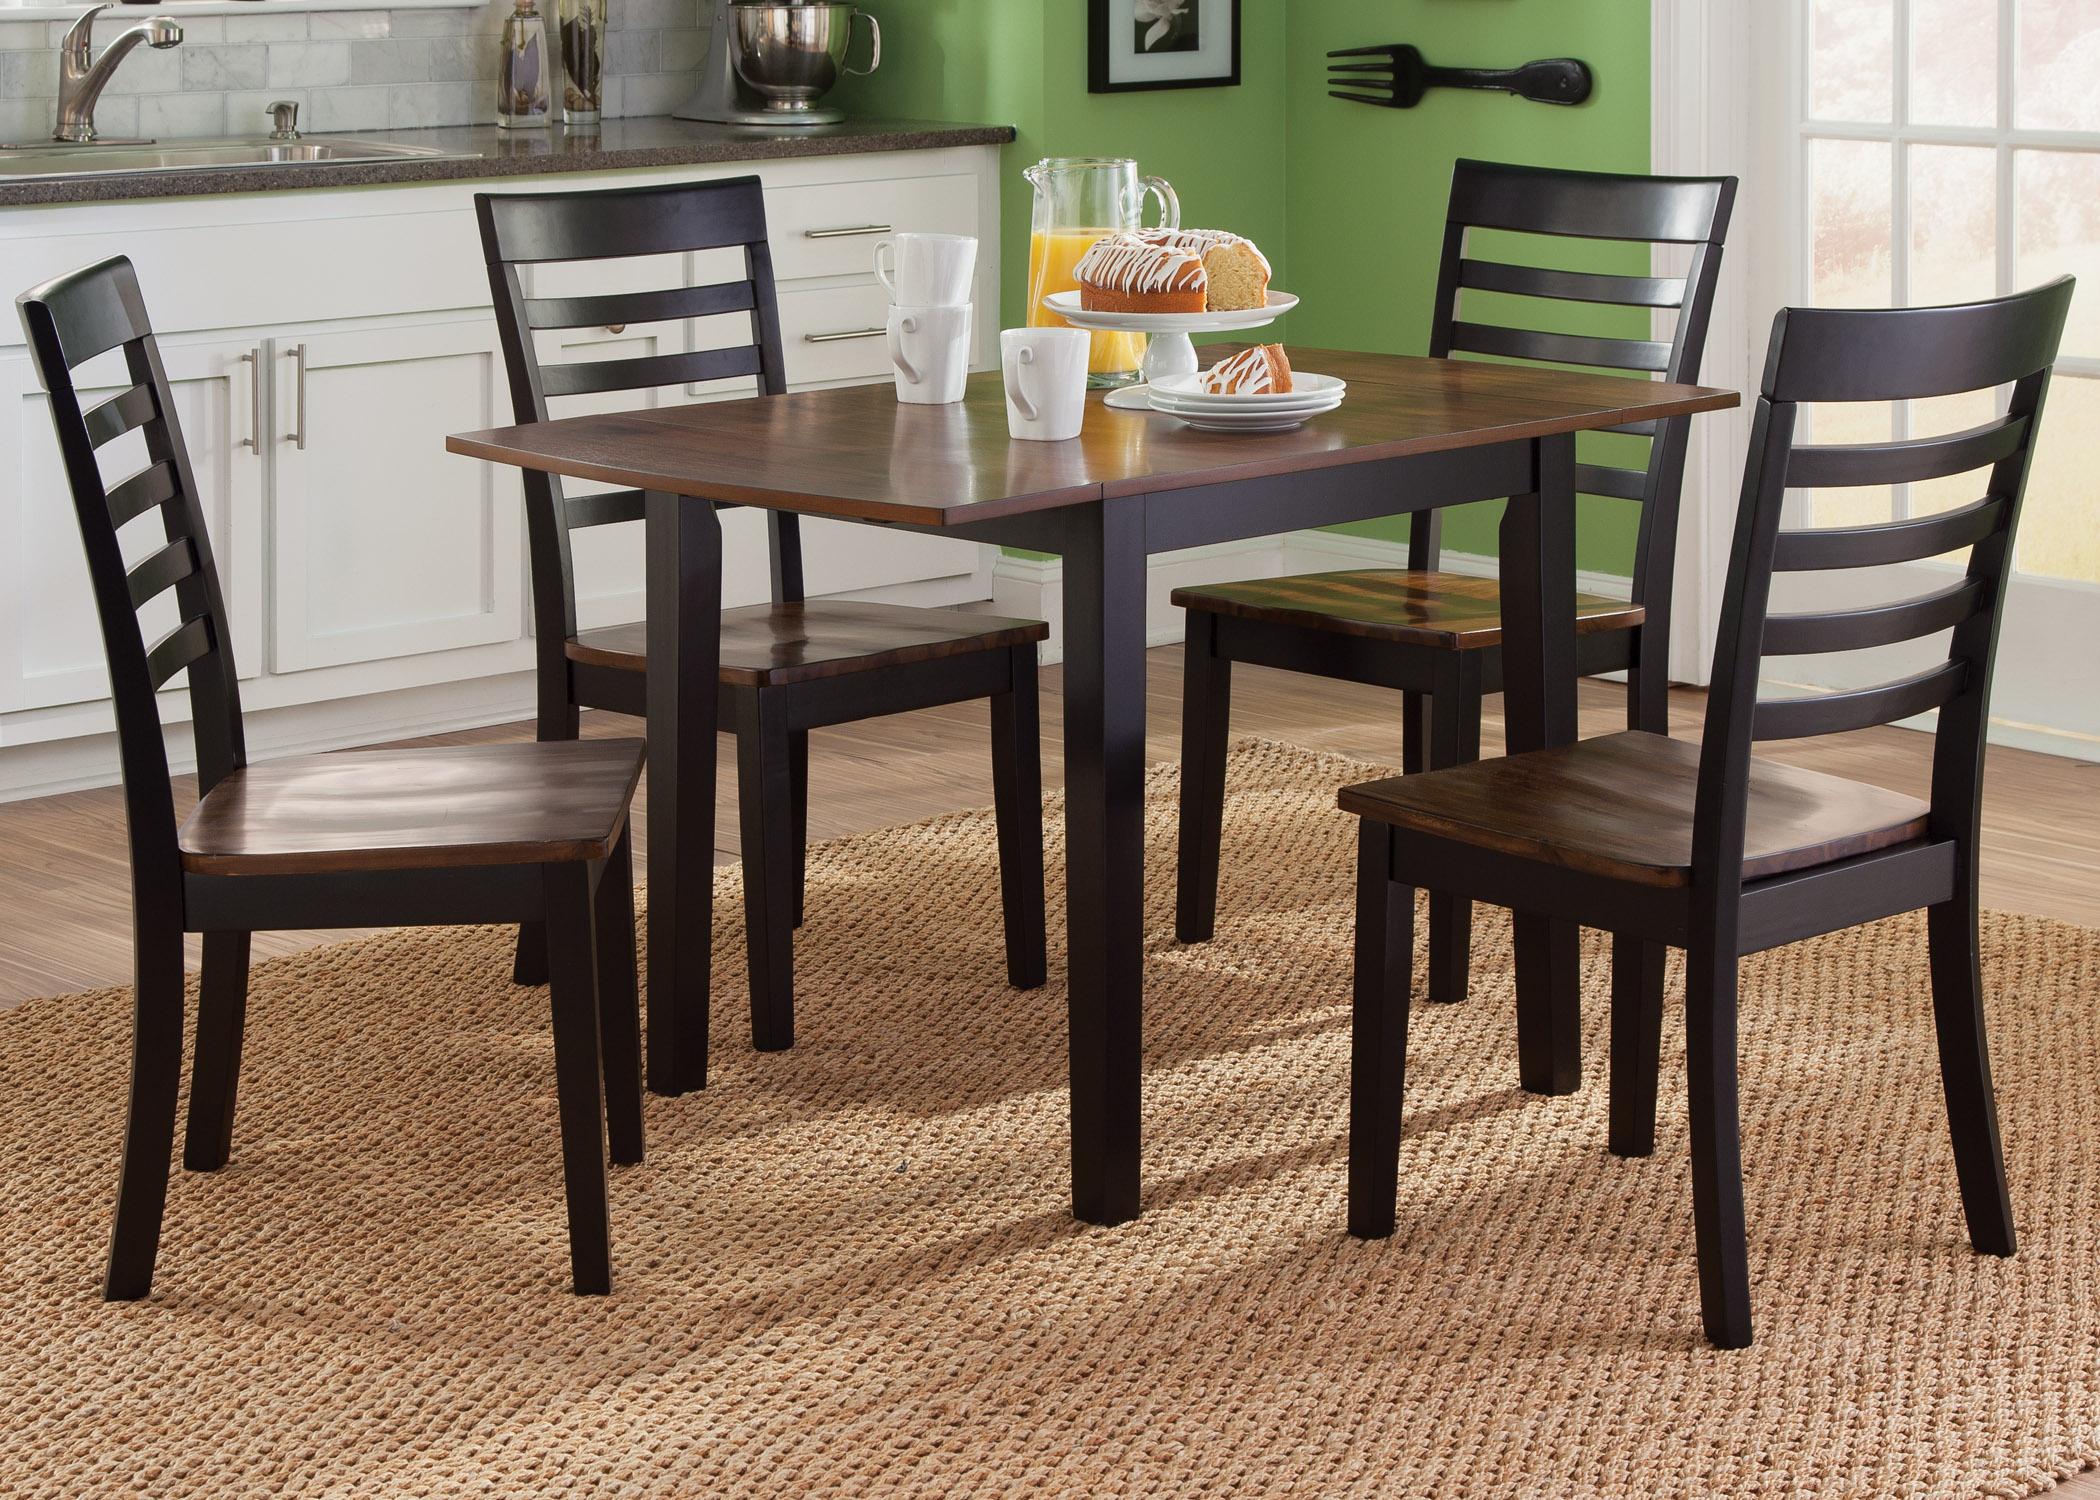 Liberty Furniture Cafe Dining 5 Piece Drop Leaf Set - Item Number: 56-CD-5DLS